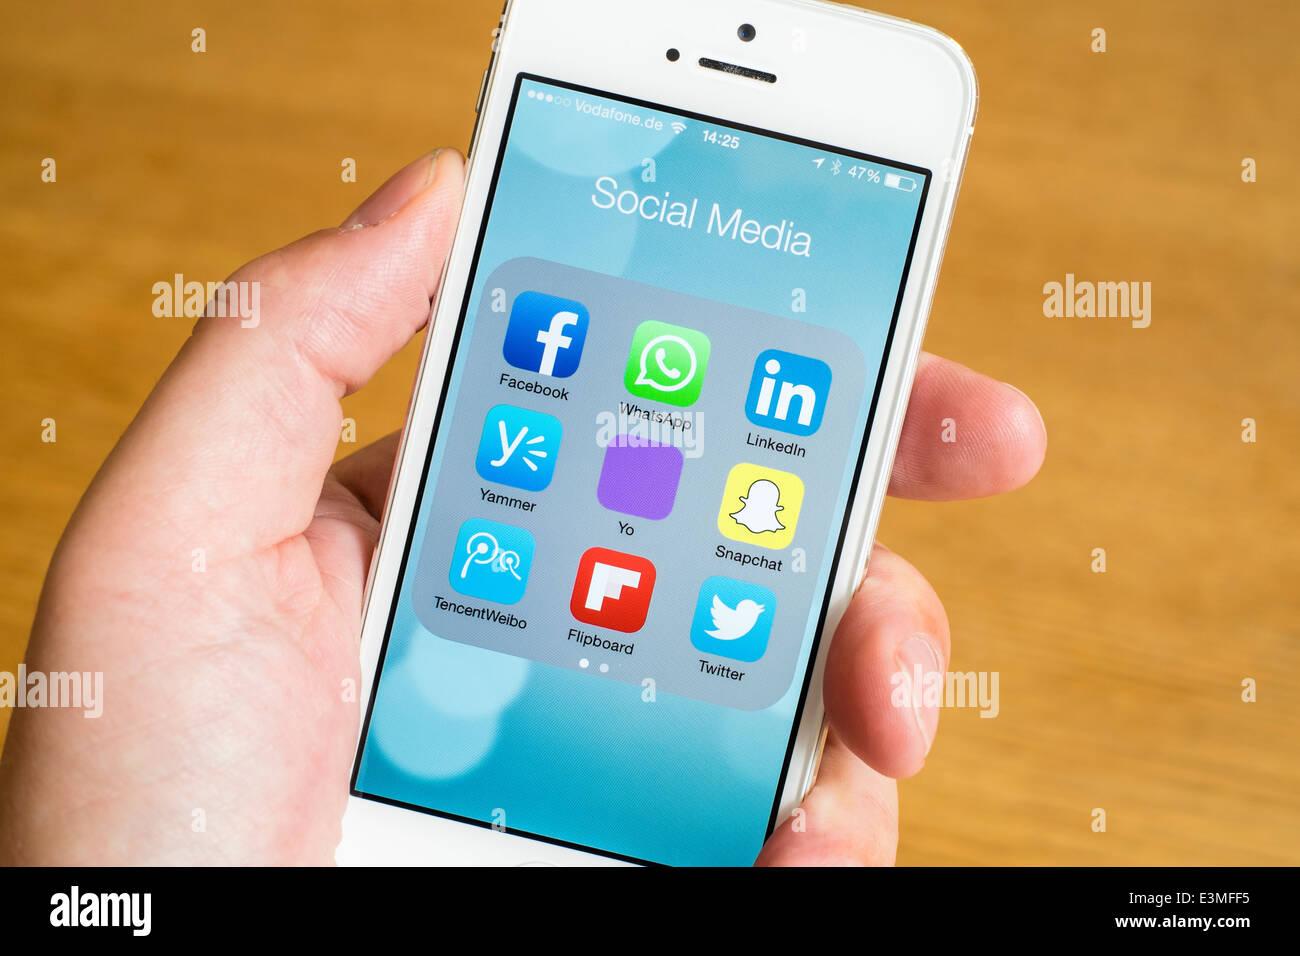 Détail de nombreux médias sociaux apps sur iPhone smart phone Photo Stock